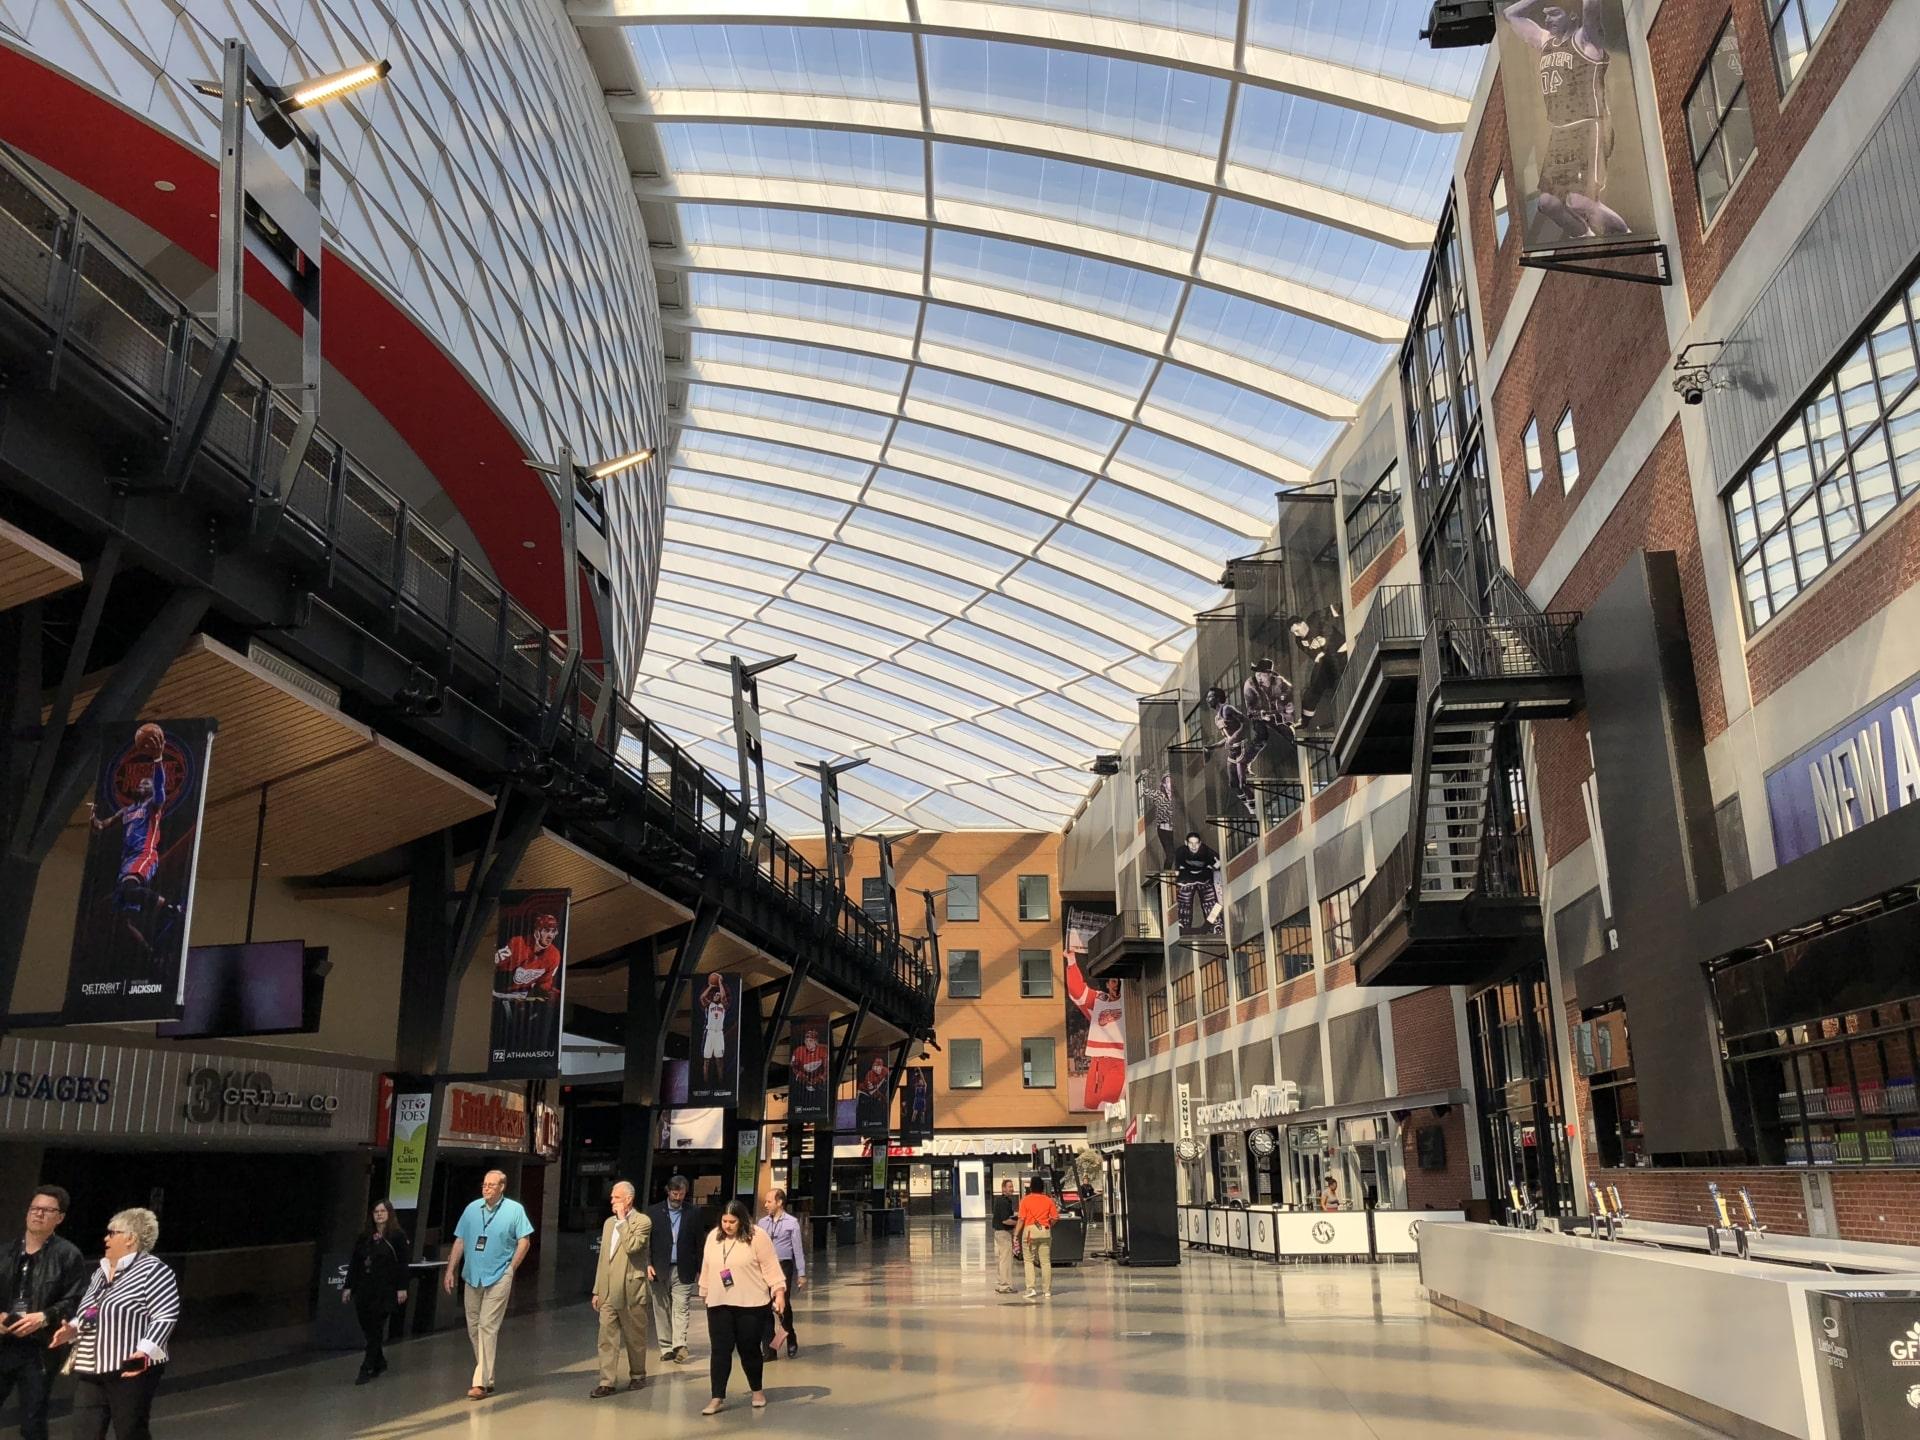 Über 4,000 m² des Texlon® ETFE-Systems bringen durch Transparenz Licht in das Gebäude und bieten eine komfortable Akustik für die Besucher.